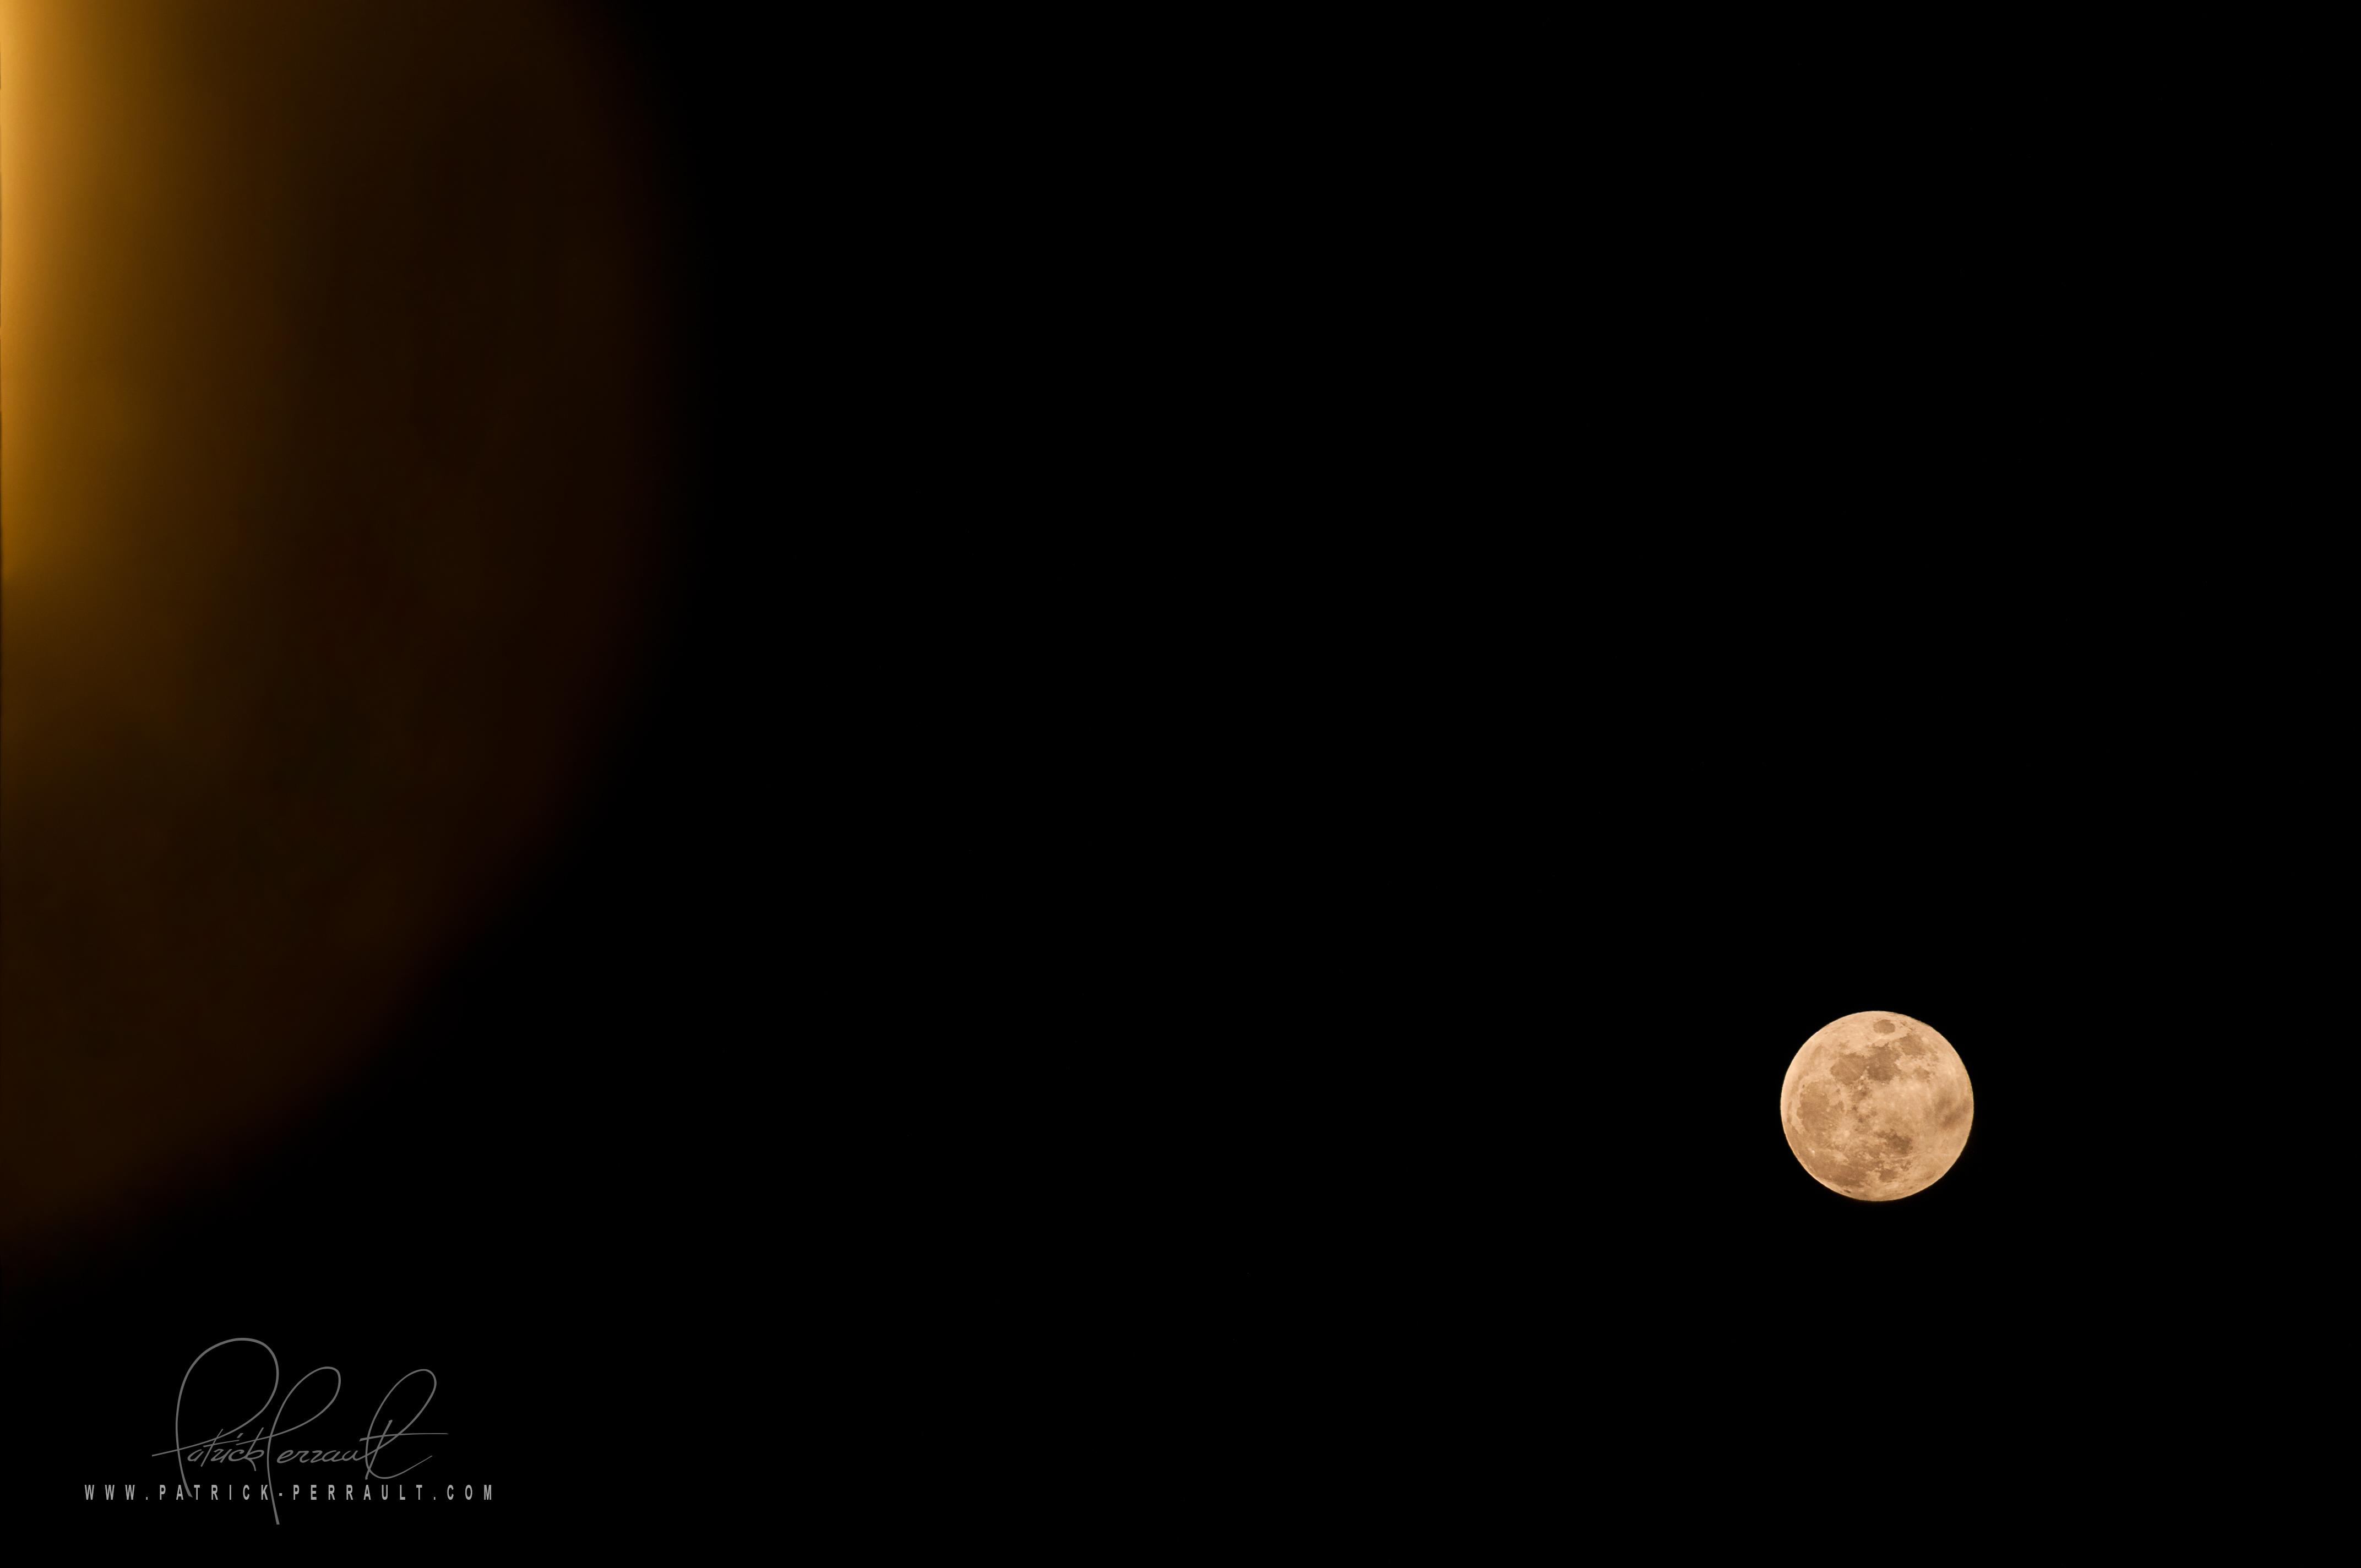 la lune et le réverbère